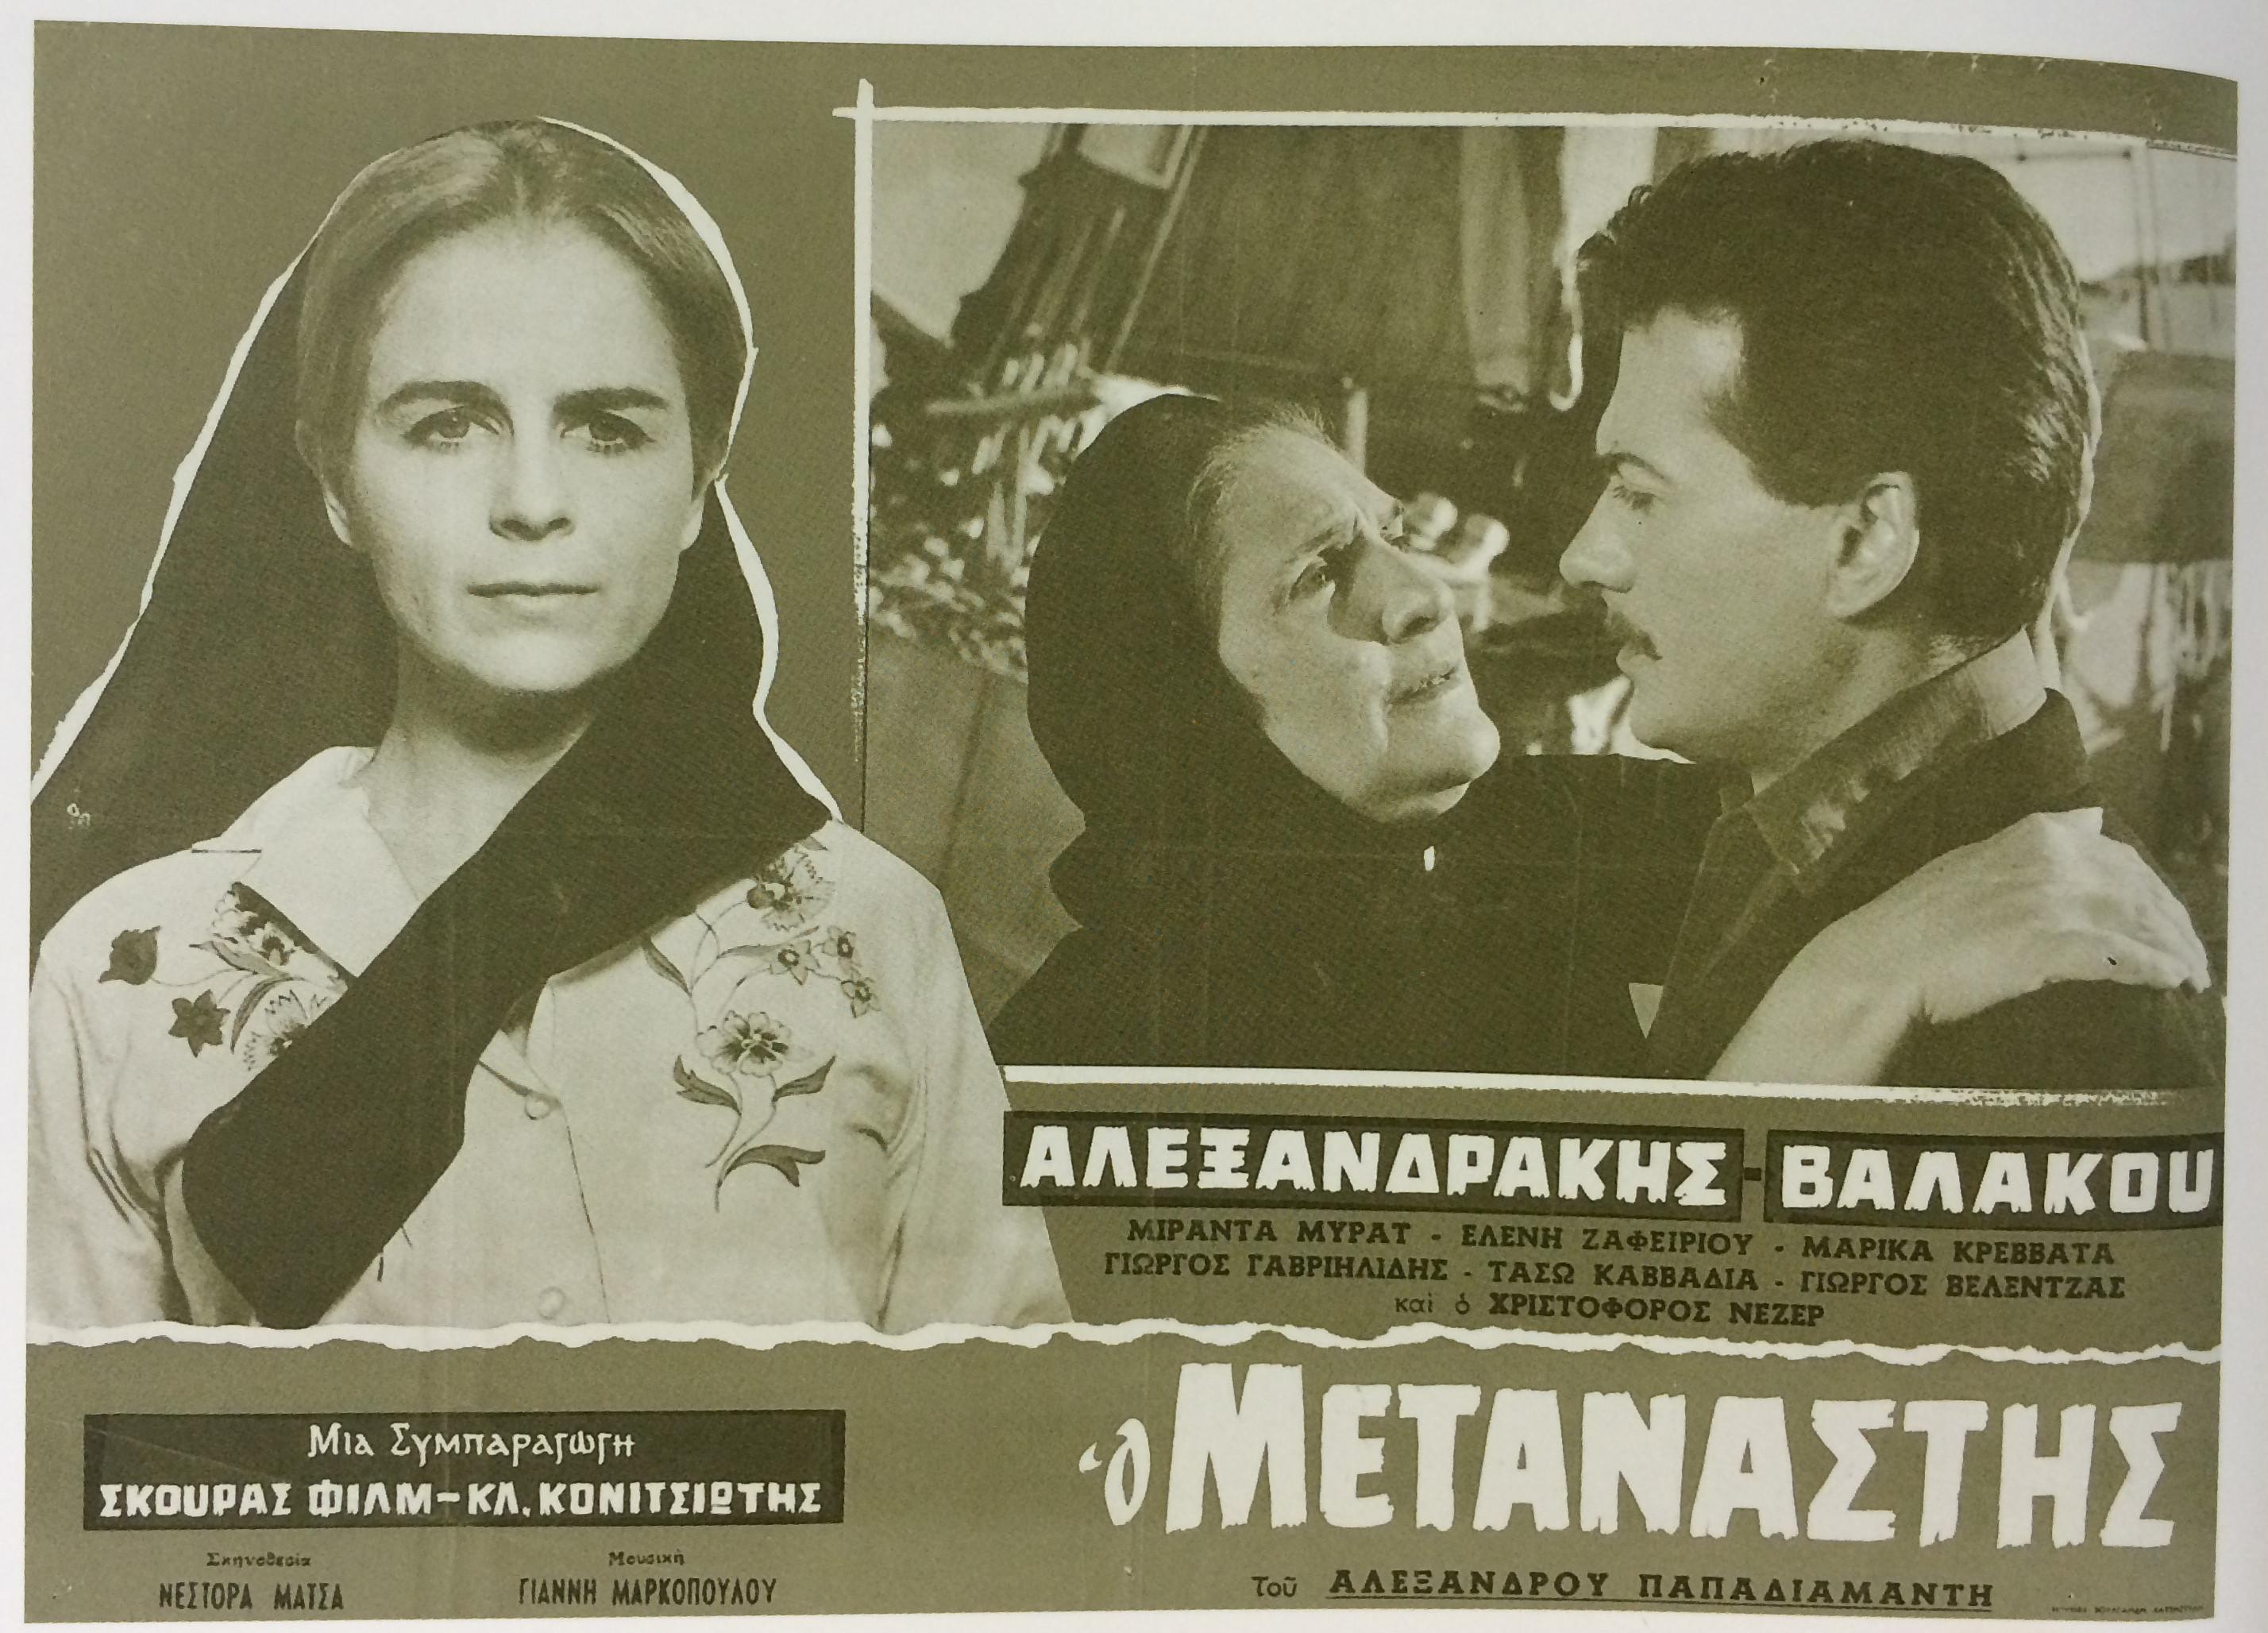 metanastis